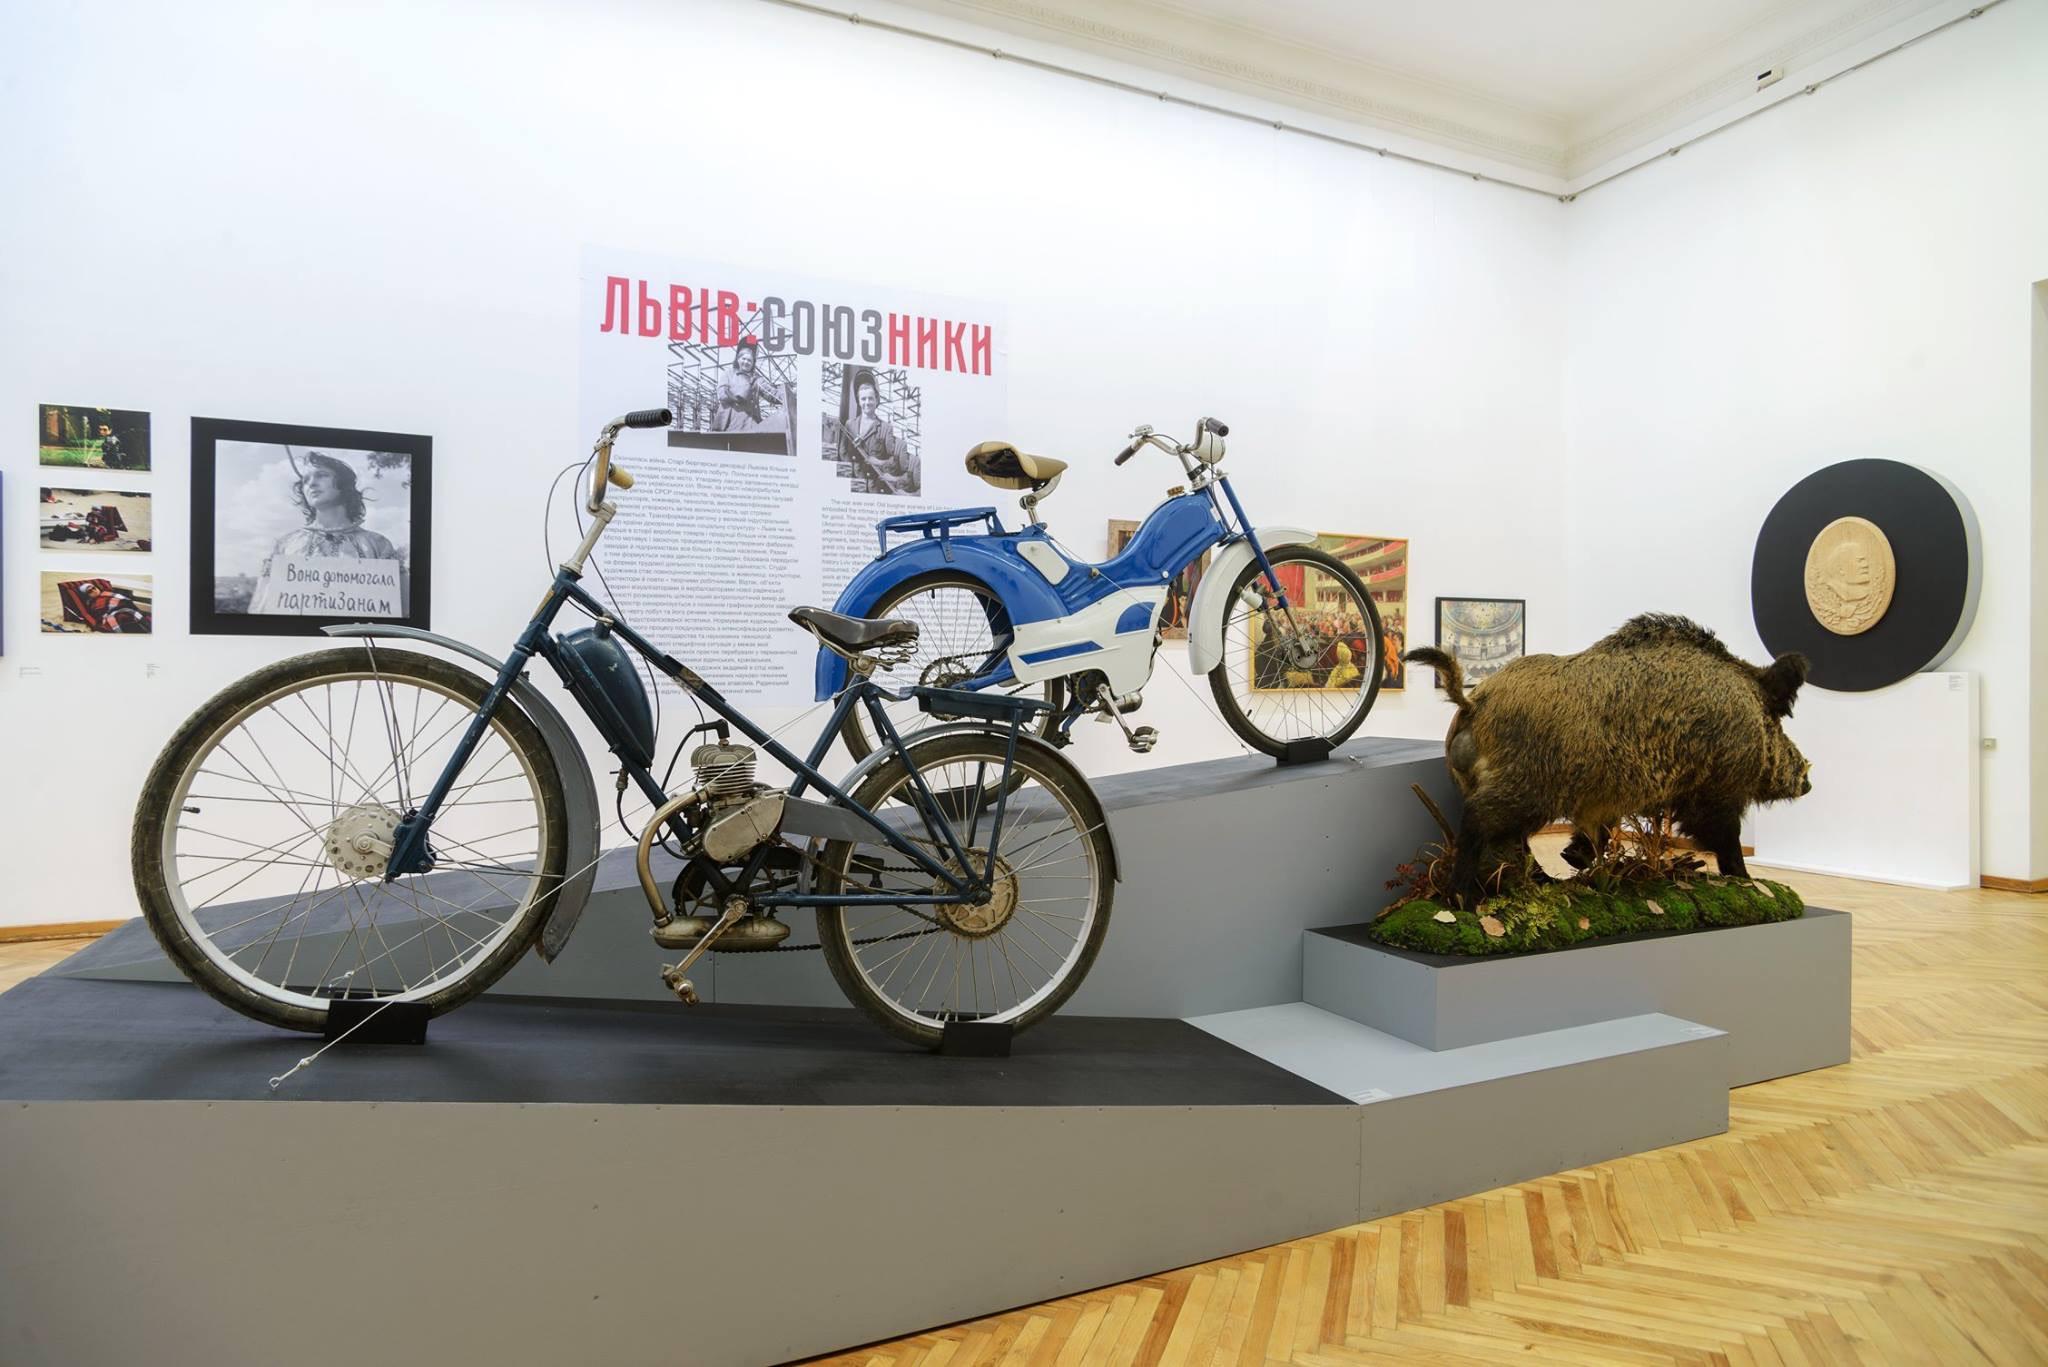 «Так люблю той Львів, що бракує ми слів»: Про виставковий проект «Червона книга» у PinchukArtCenter | CHERNOZEM.INFO